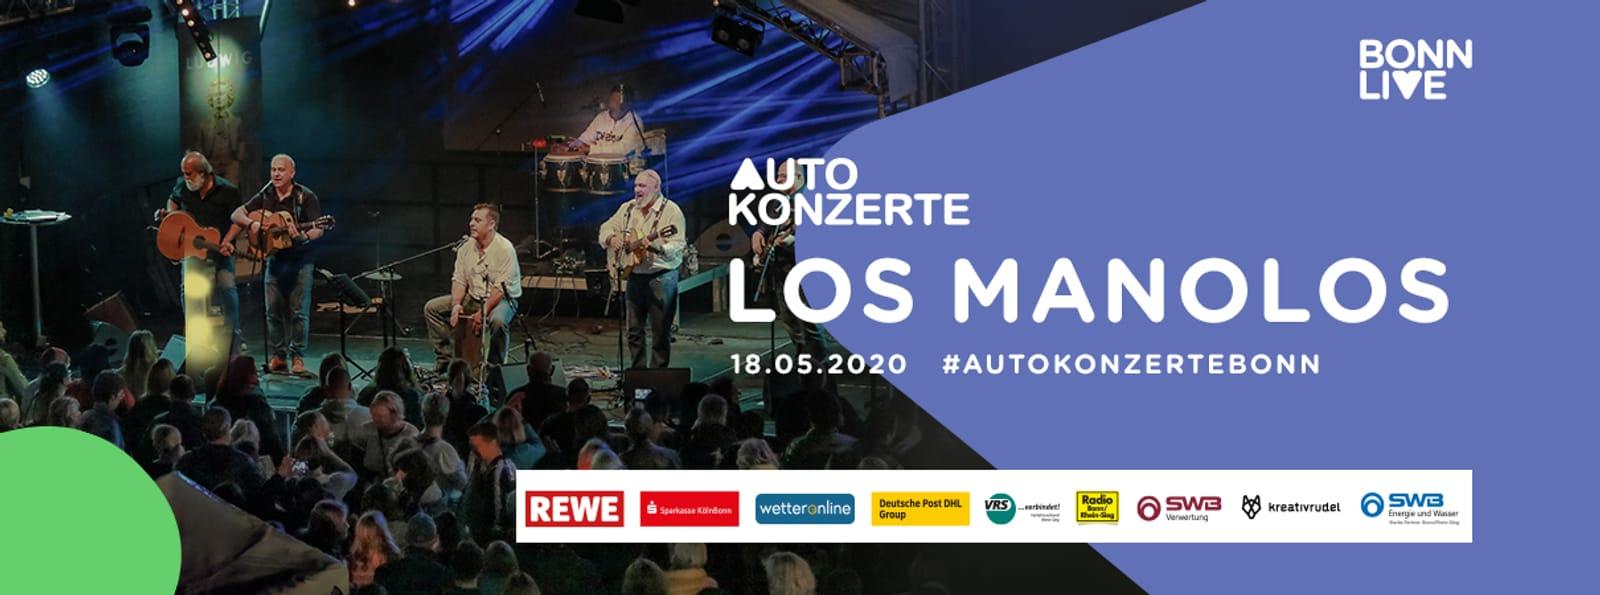 Los Manolos | BonnLive Autokonzerte